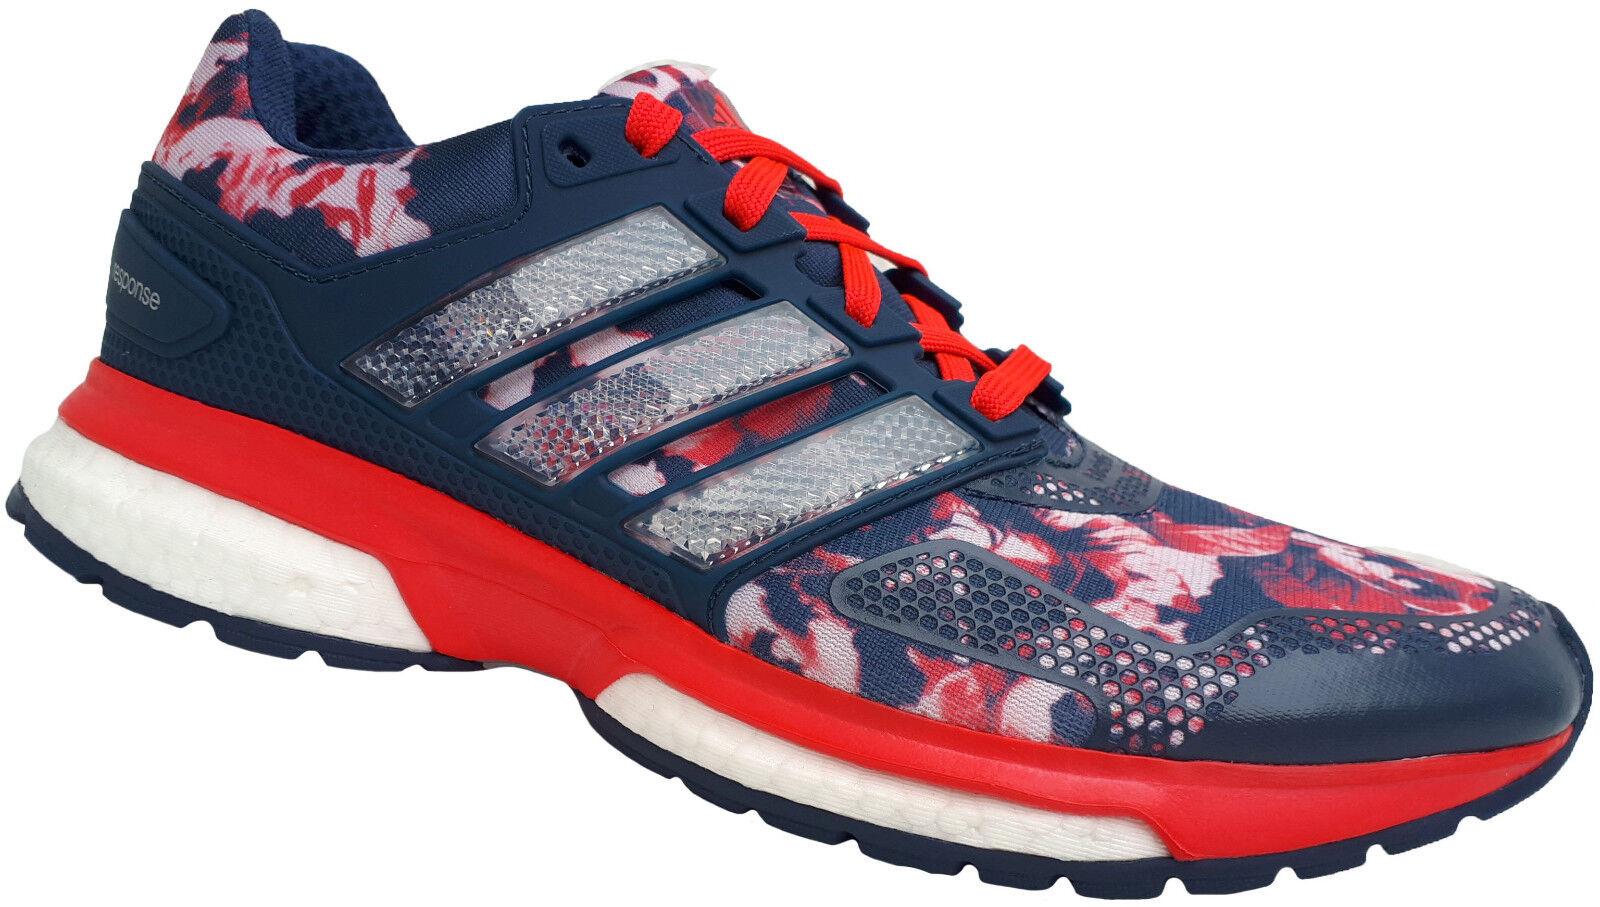 Adidas Response 2 2 2 Graphic W Boost Damen Laufschuhe Sneaker Sport Fitness Schuhe ca8de3